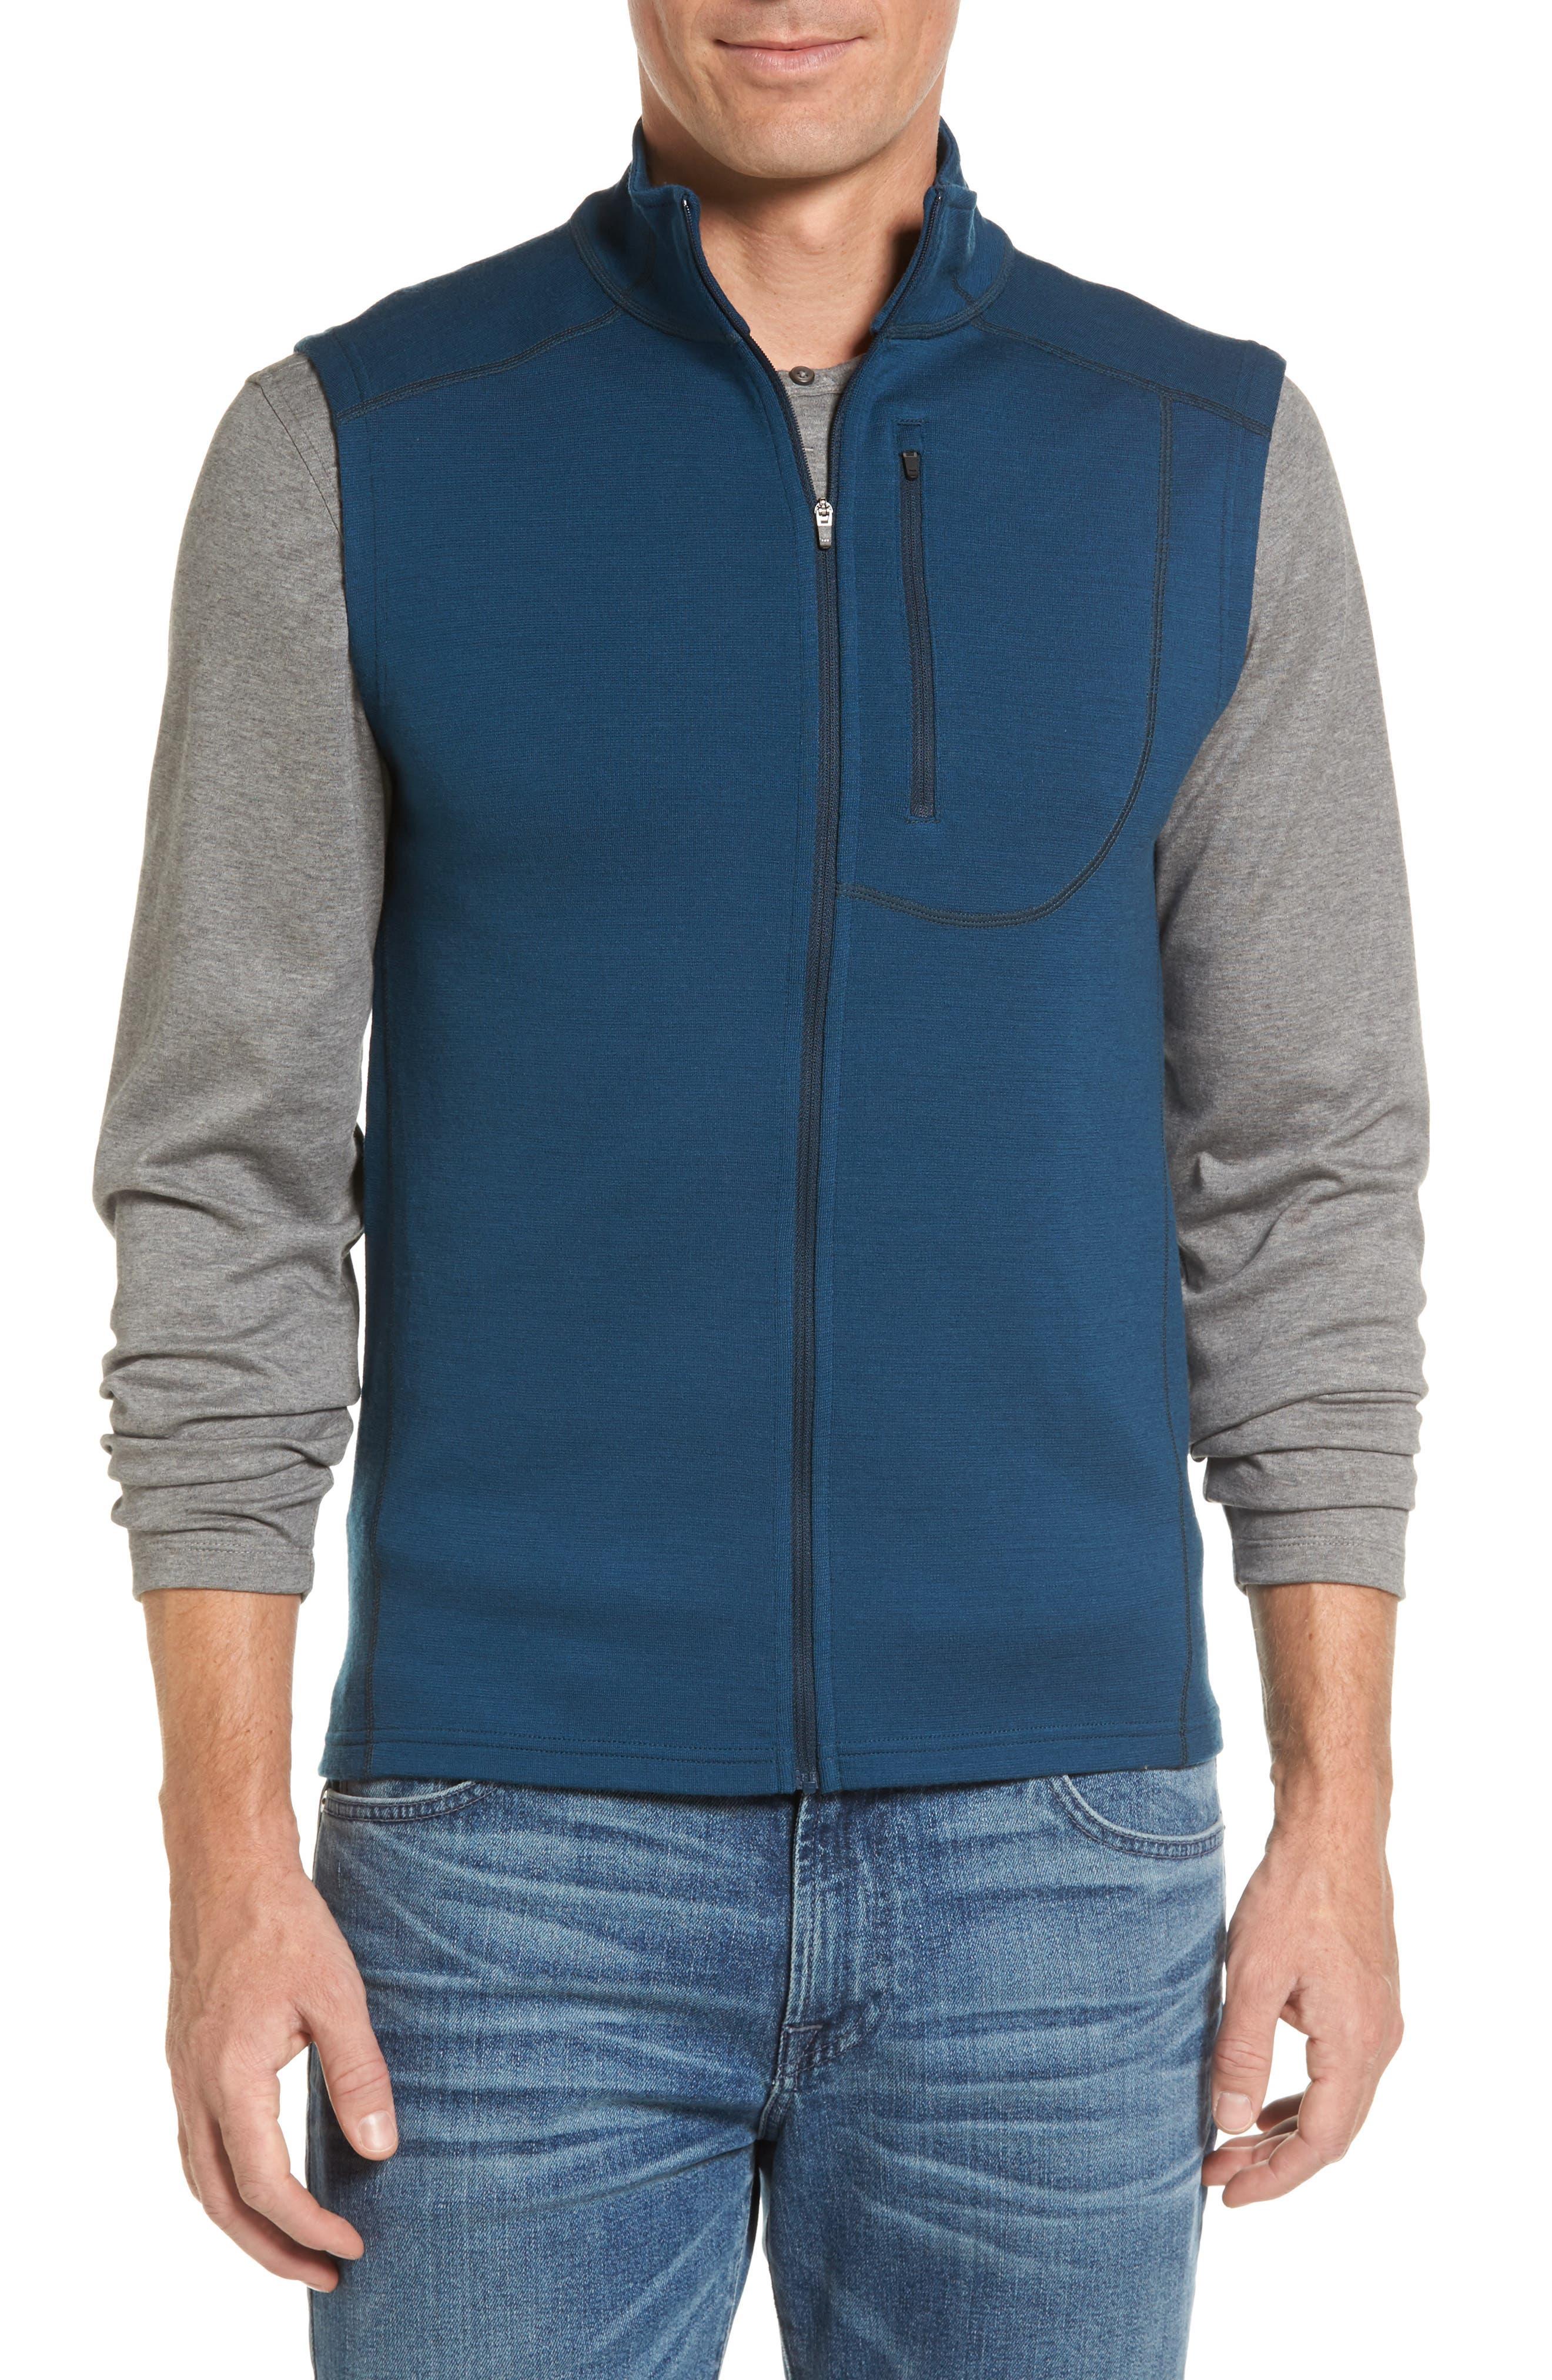 Main Image - ibex 'Shak' Merino Wool Vest